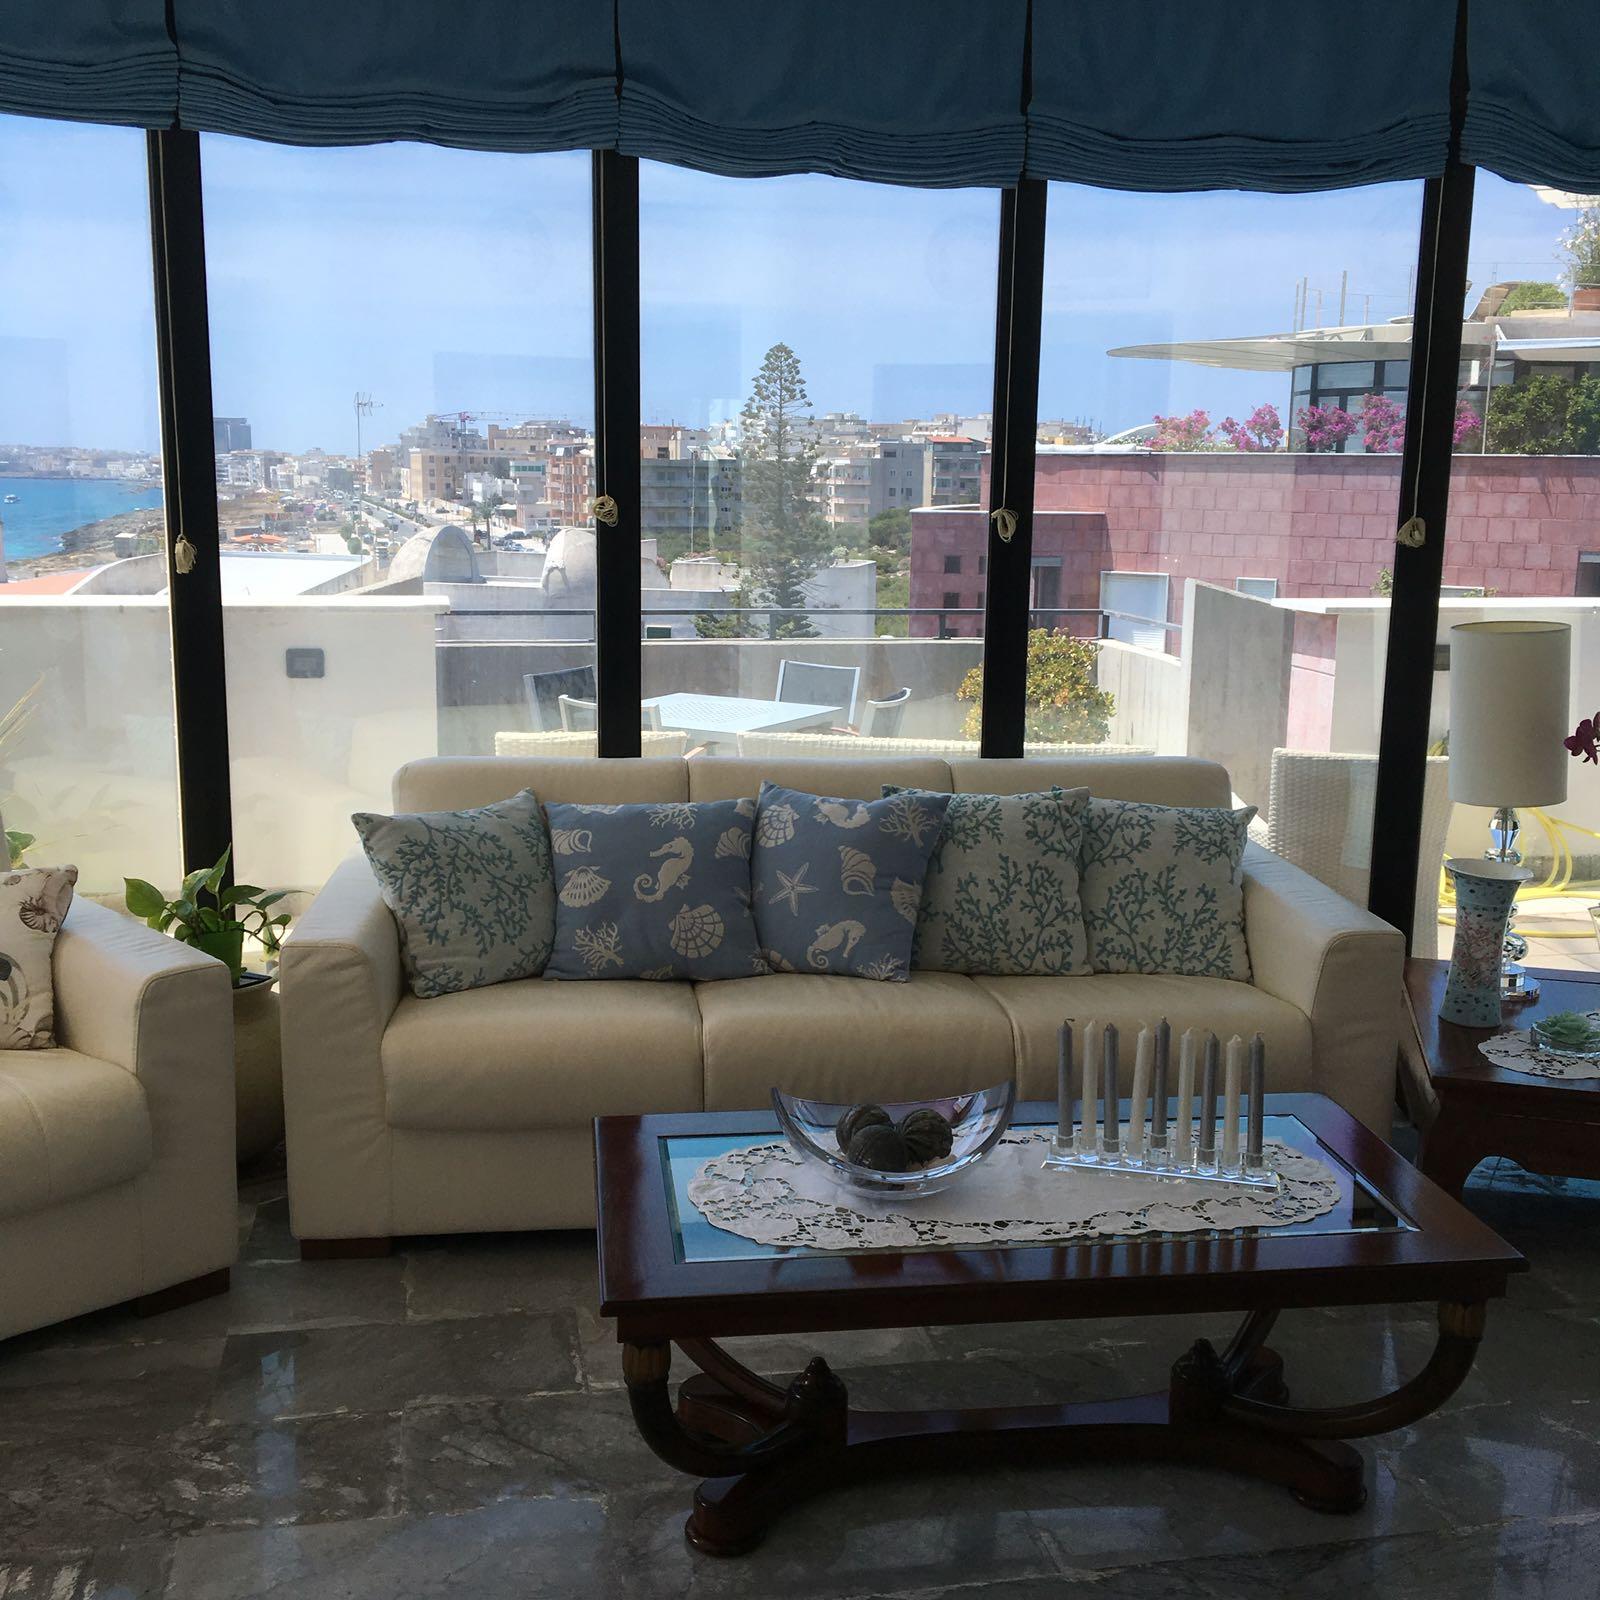 Soggiorno con divano bianco e grande vetrata